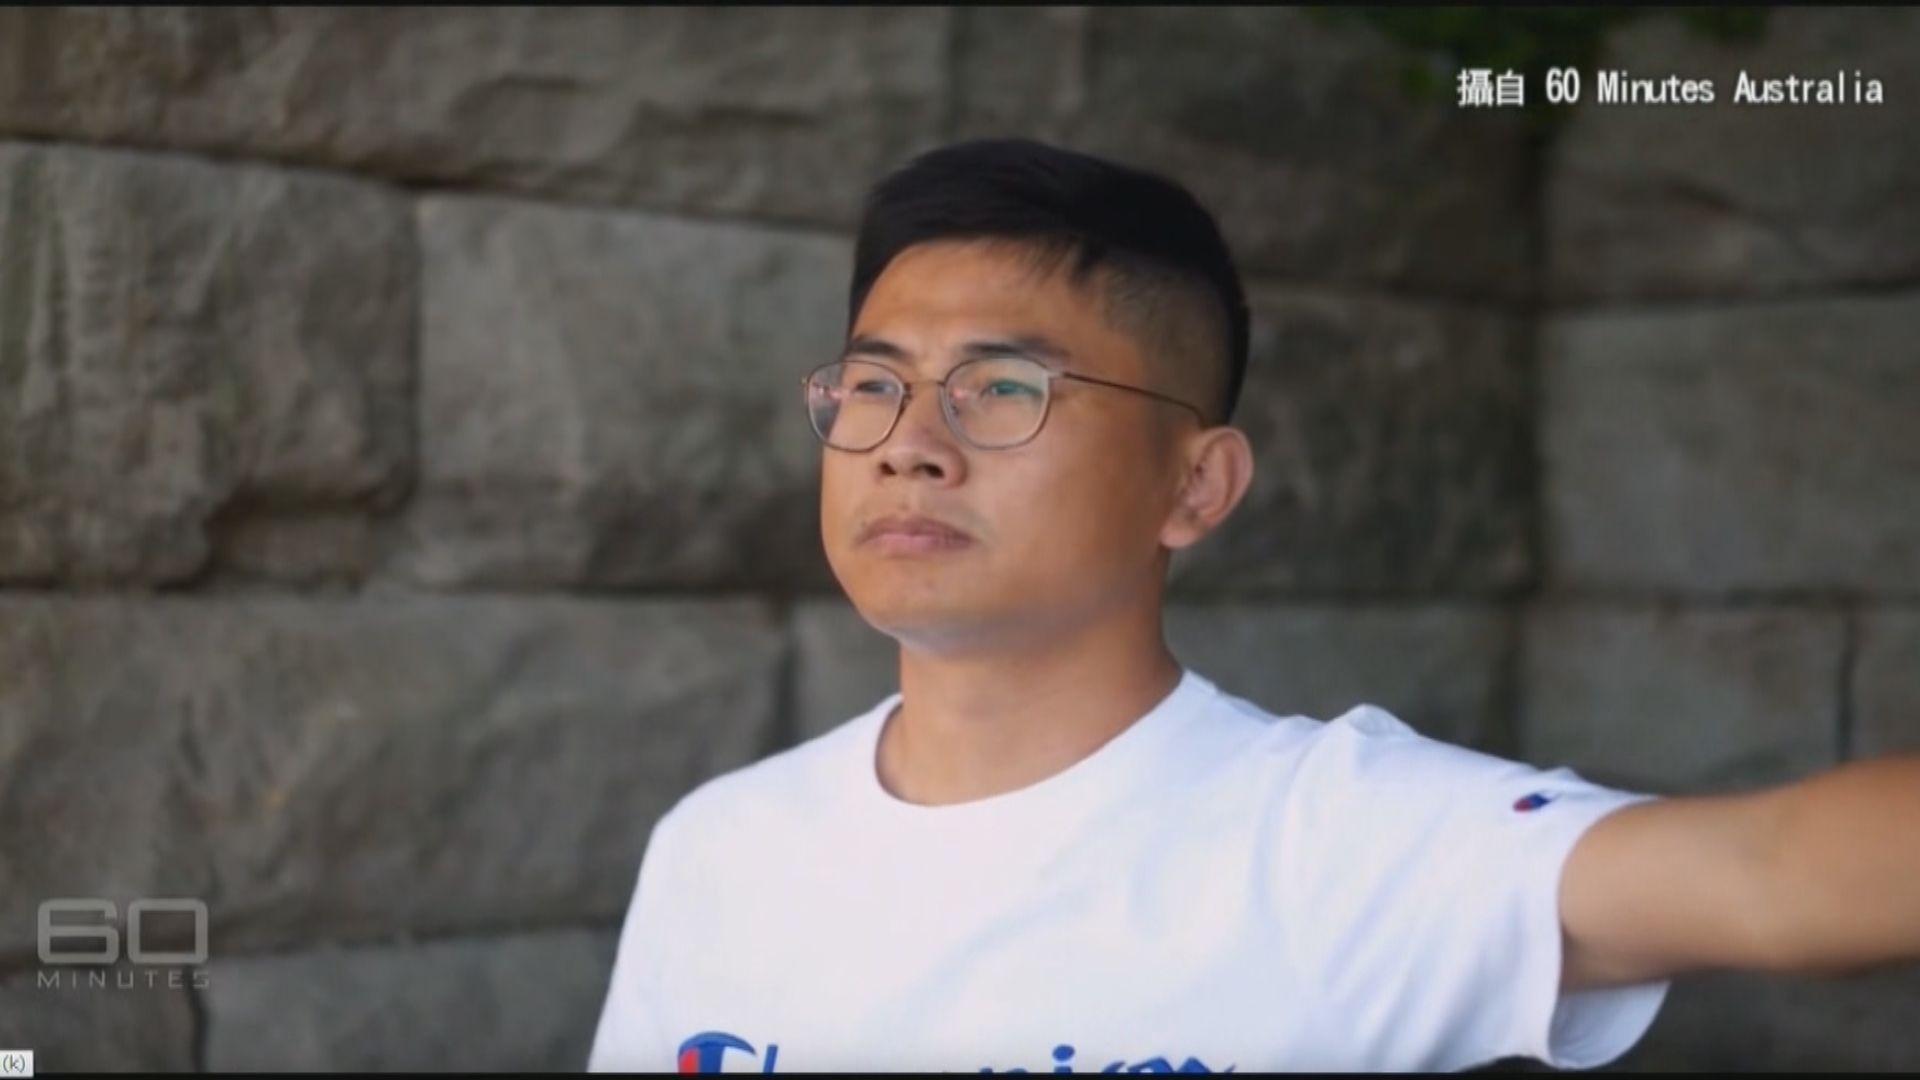 報道指遭王立強遭威脅要求他否認是中國特工